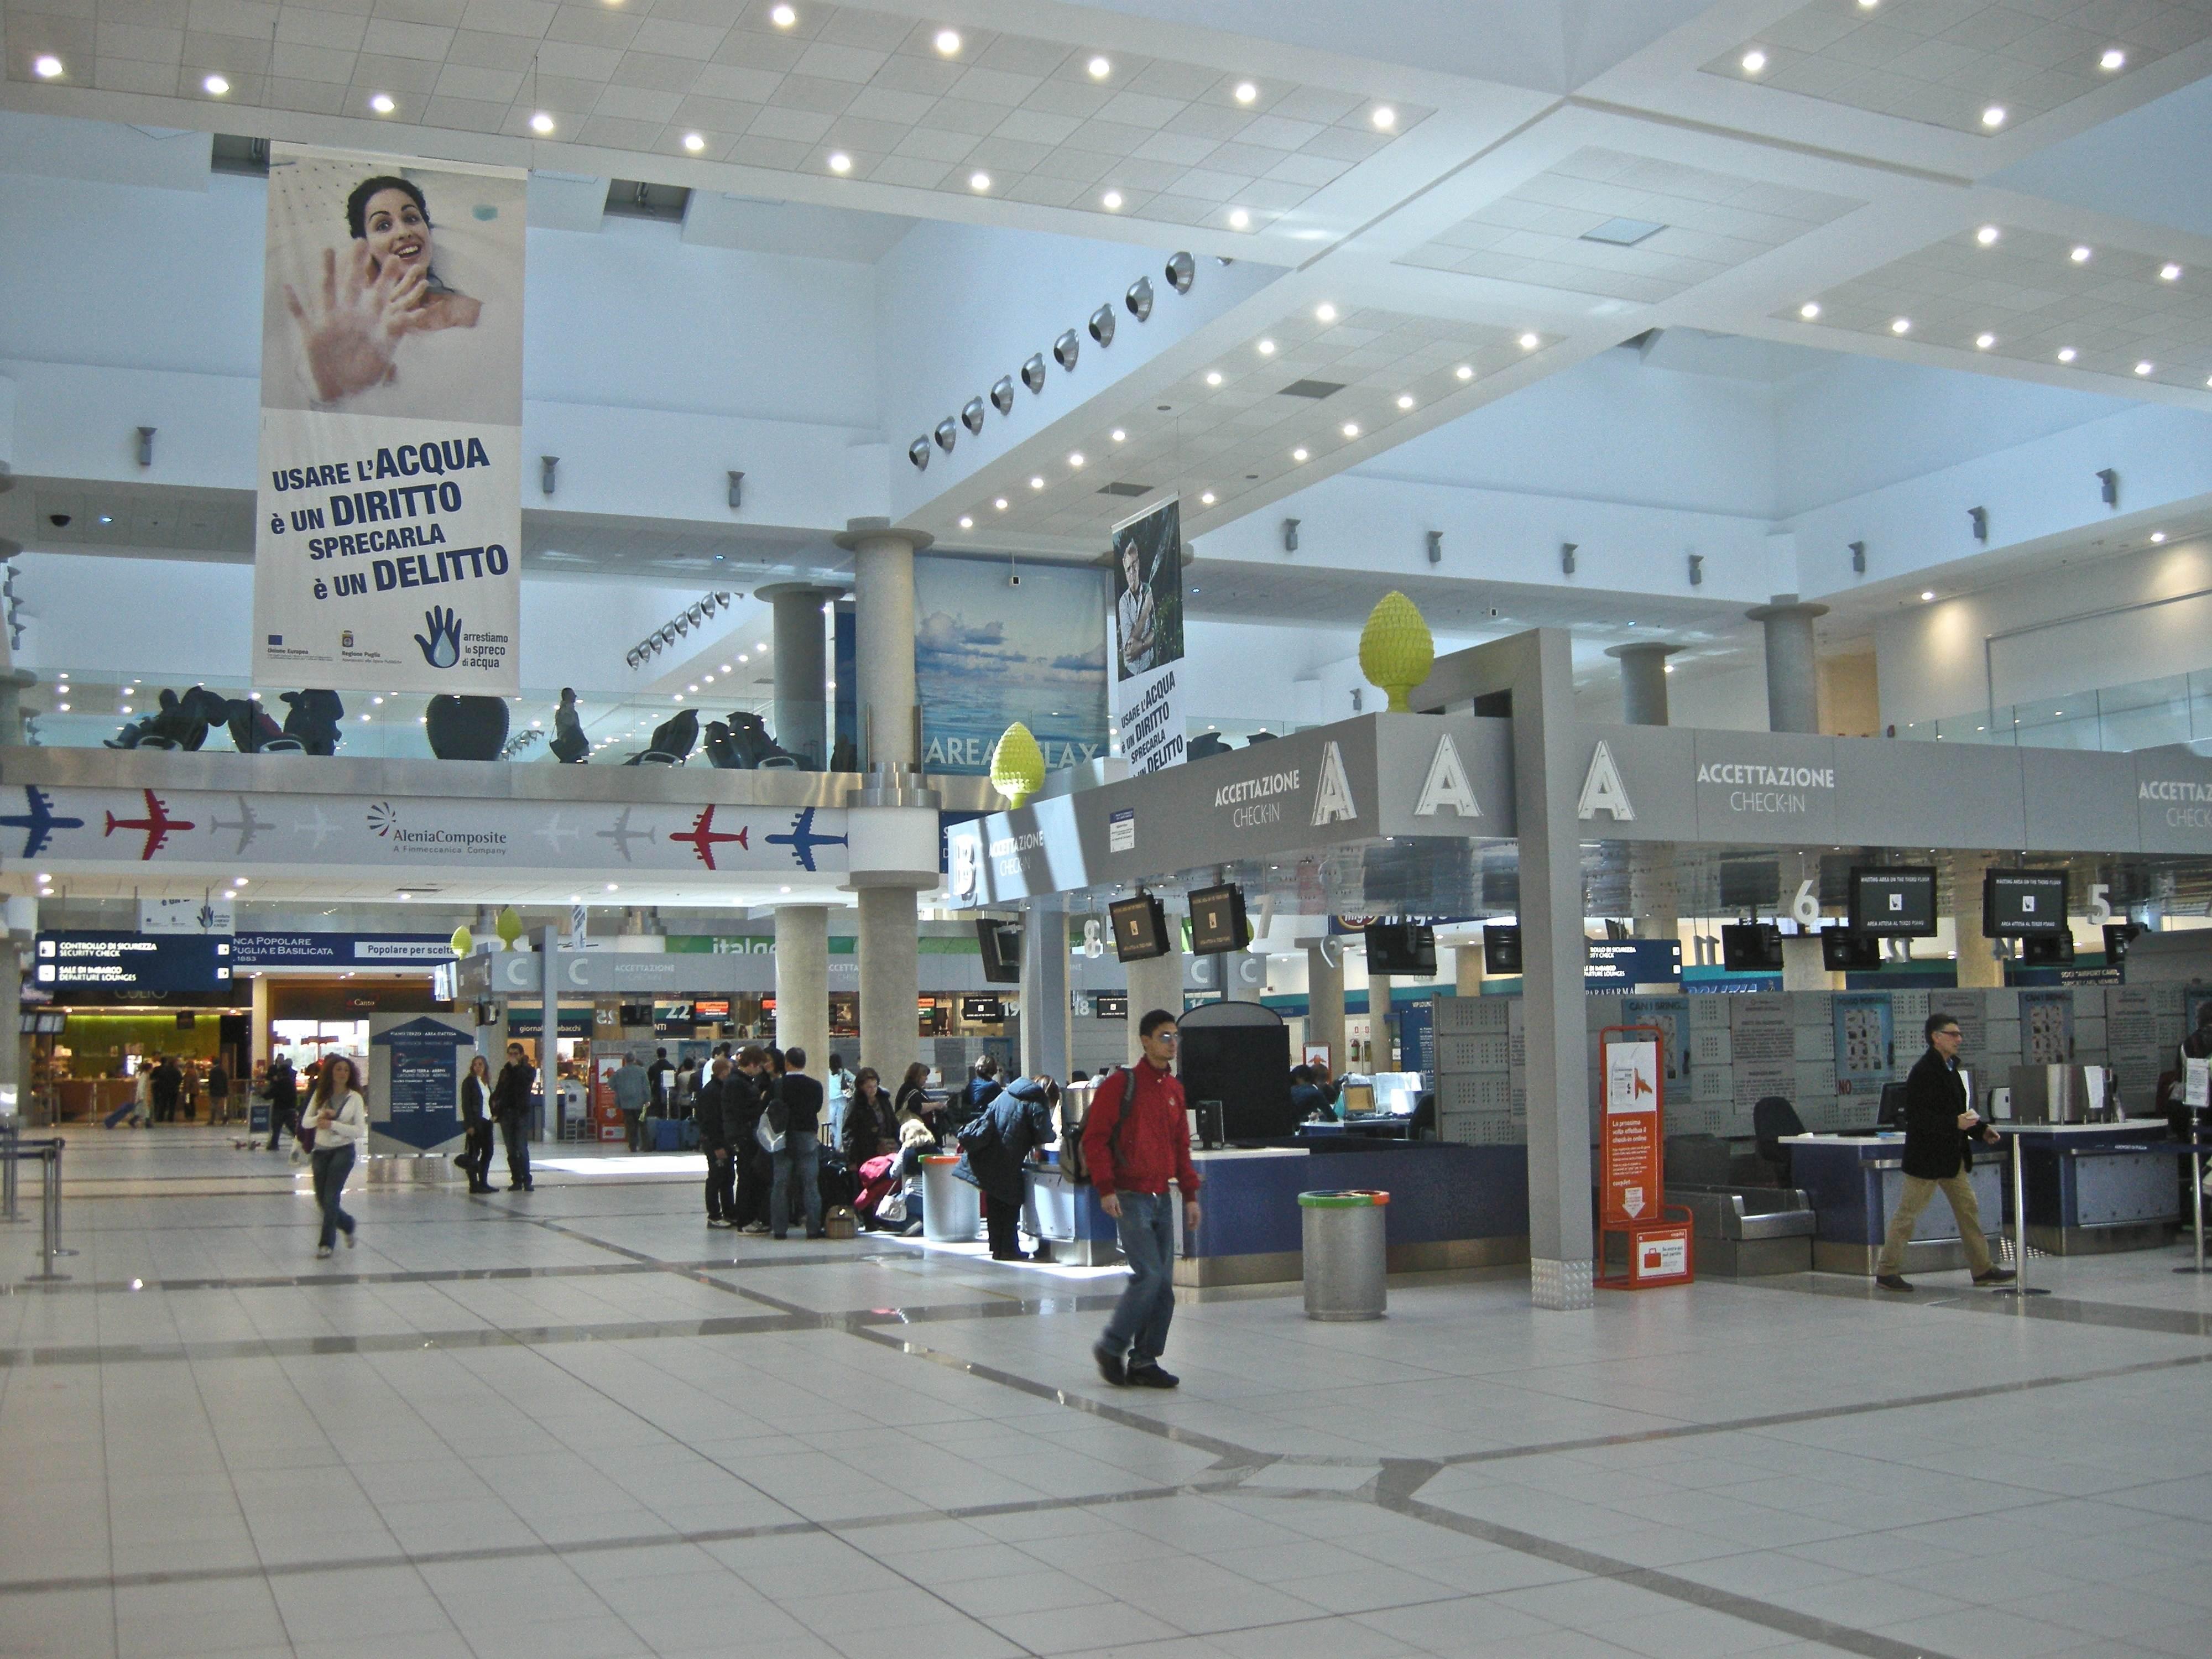 Aeroporto Bari : L aeroporto di bari tra i migliori di europa l incoronazione da